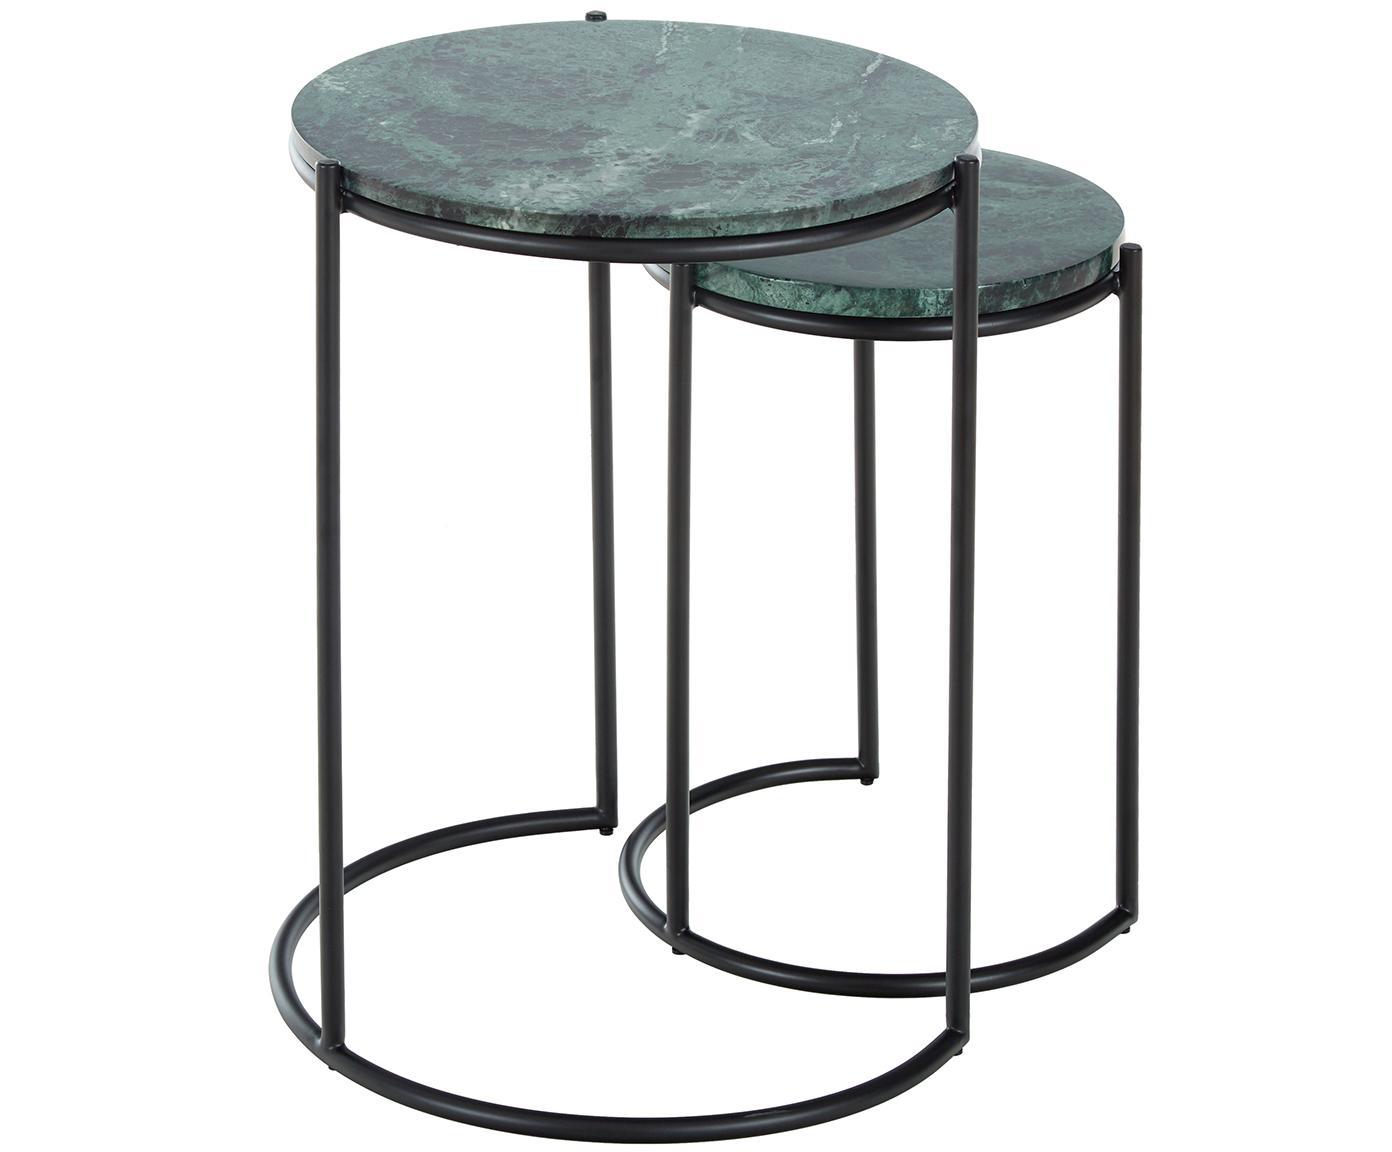 Set de mesas auxiliares de mármol Ella, Tablero: mármol natural, Estructura: metal con pintura en polv, Mármol verde, negro, Tamaños diferentes